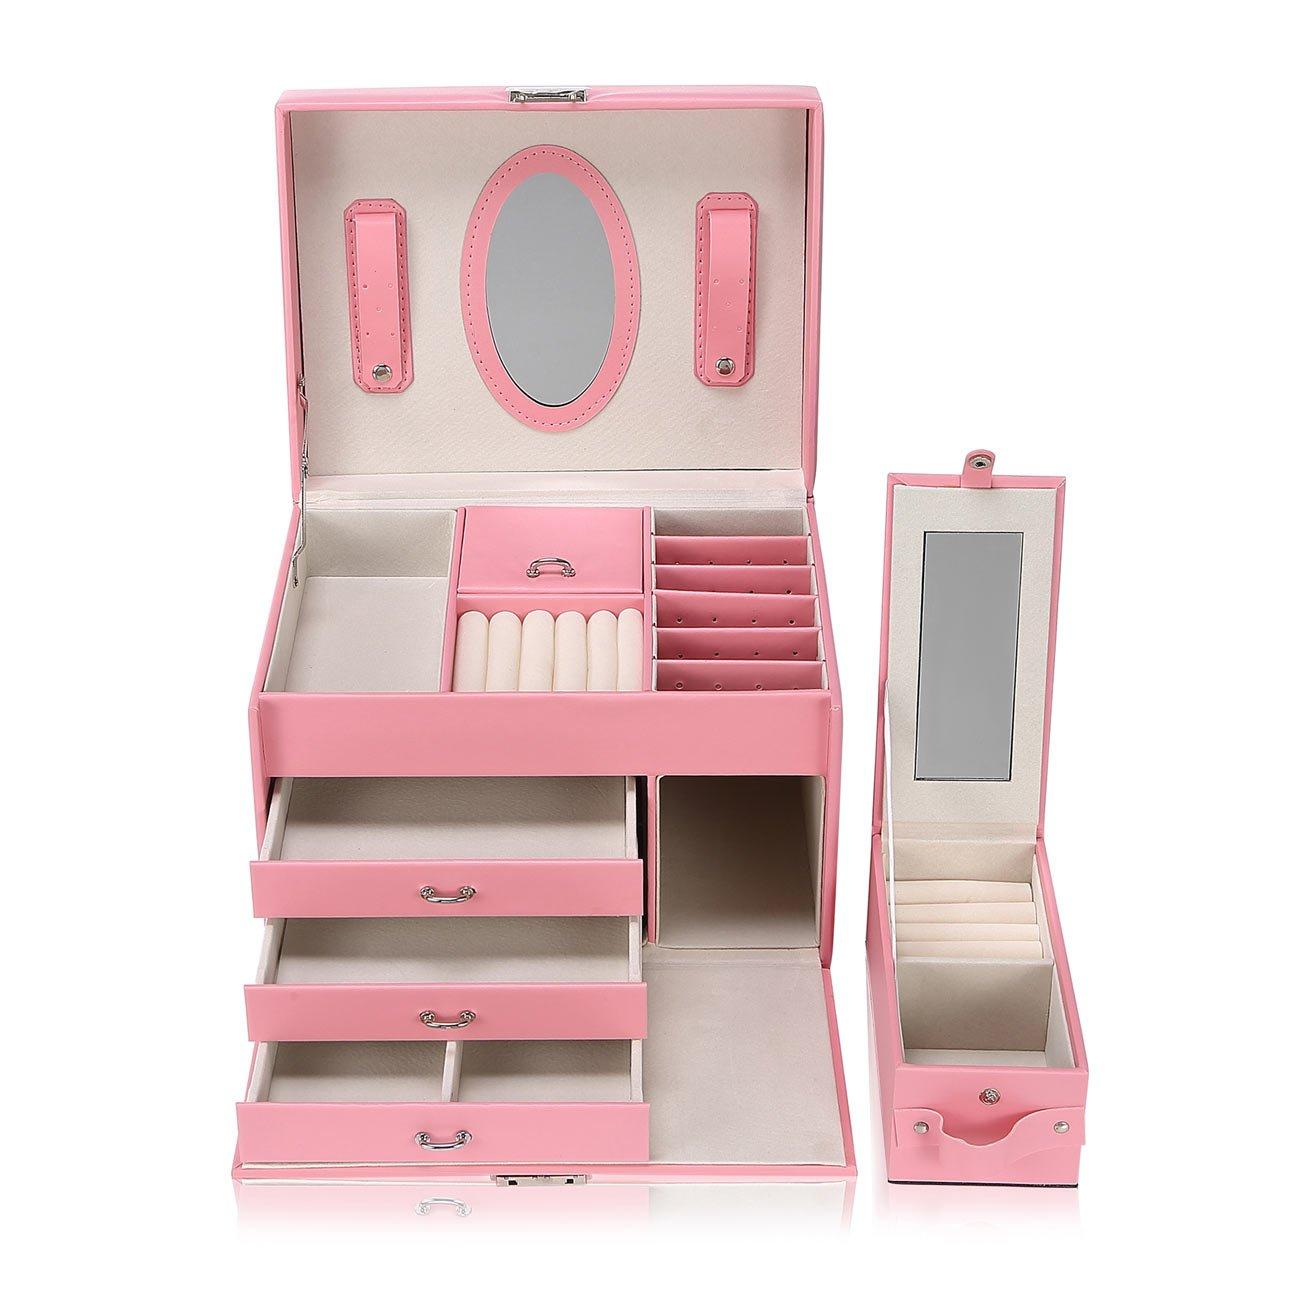 Makika Schmuckaufbewahrung Schmuckkästchen Schmuckkoffer Schmuckschatulle Schmuckbox Schmuckkasten Uhrenkoffer mit Spiegel Schubläden Extra Schmuckbox abschließbar - in Rosa